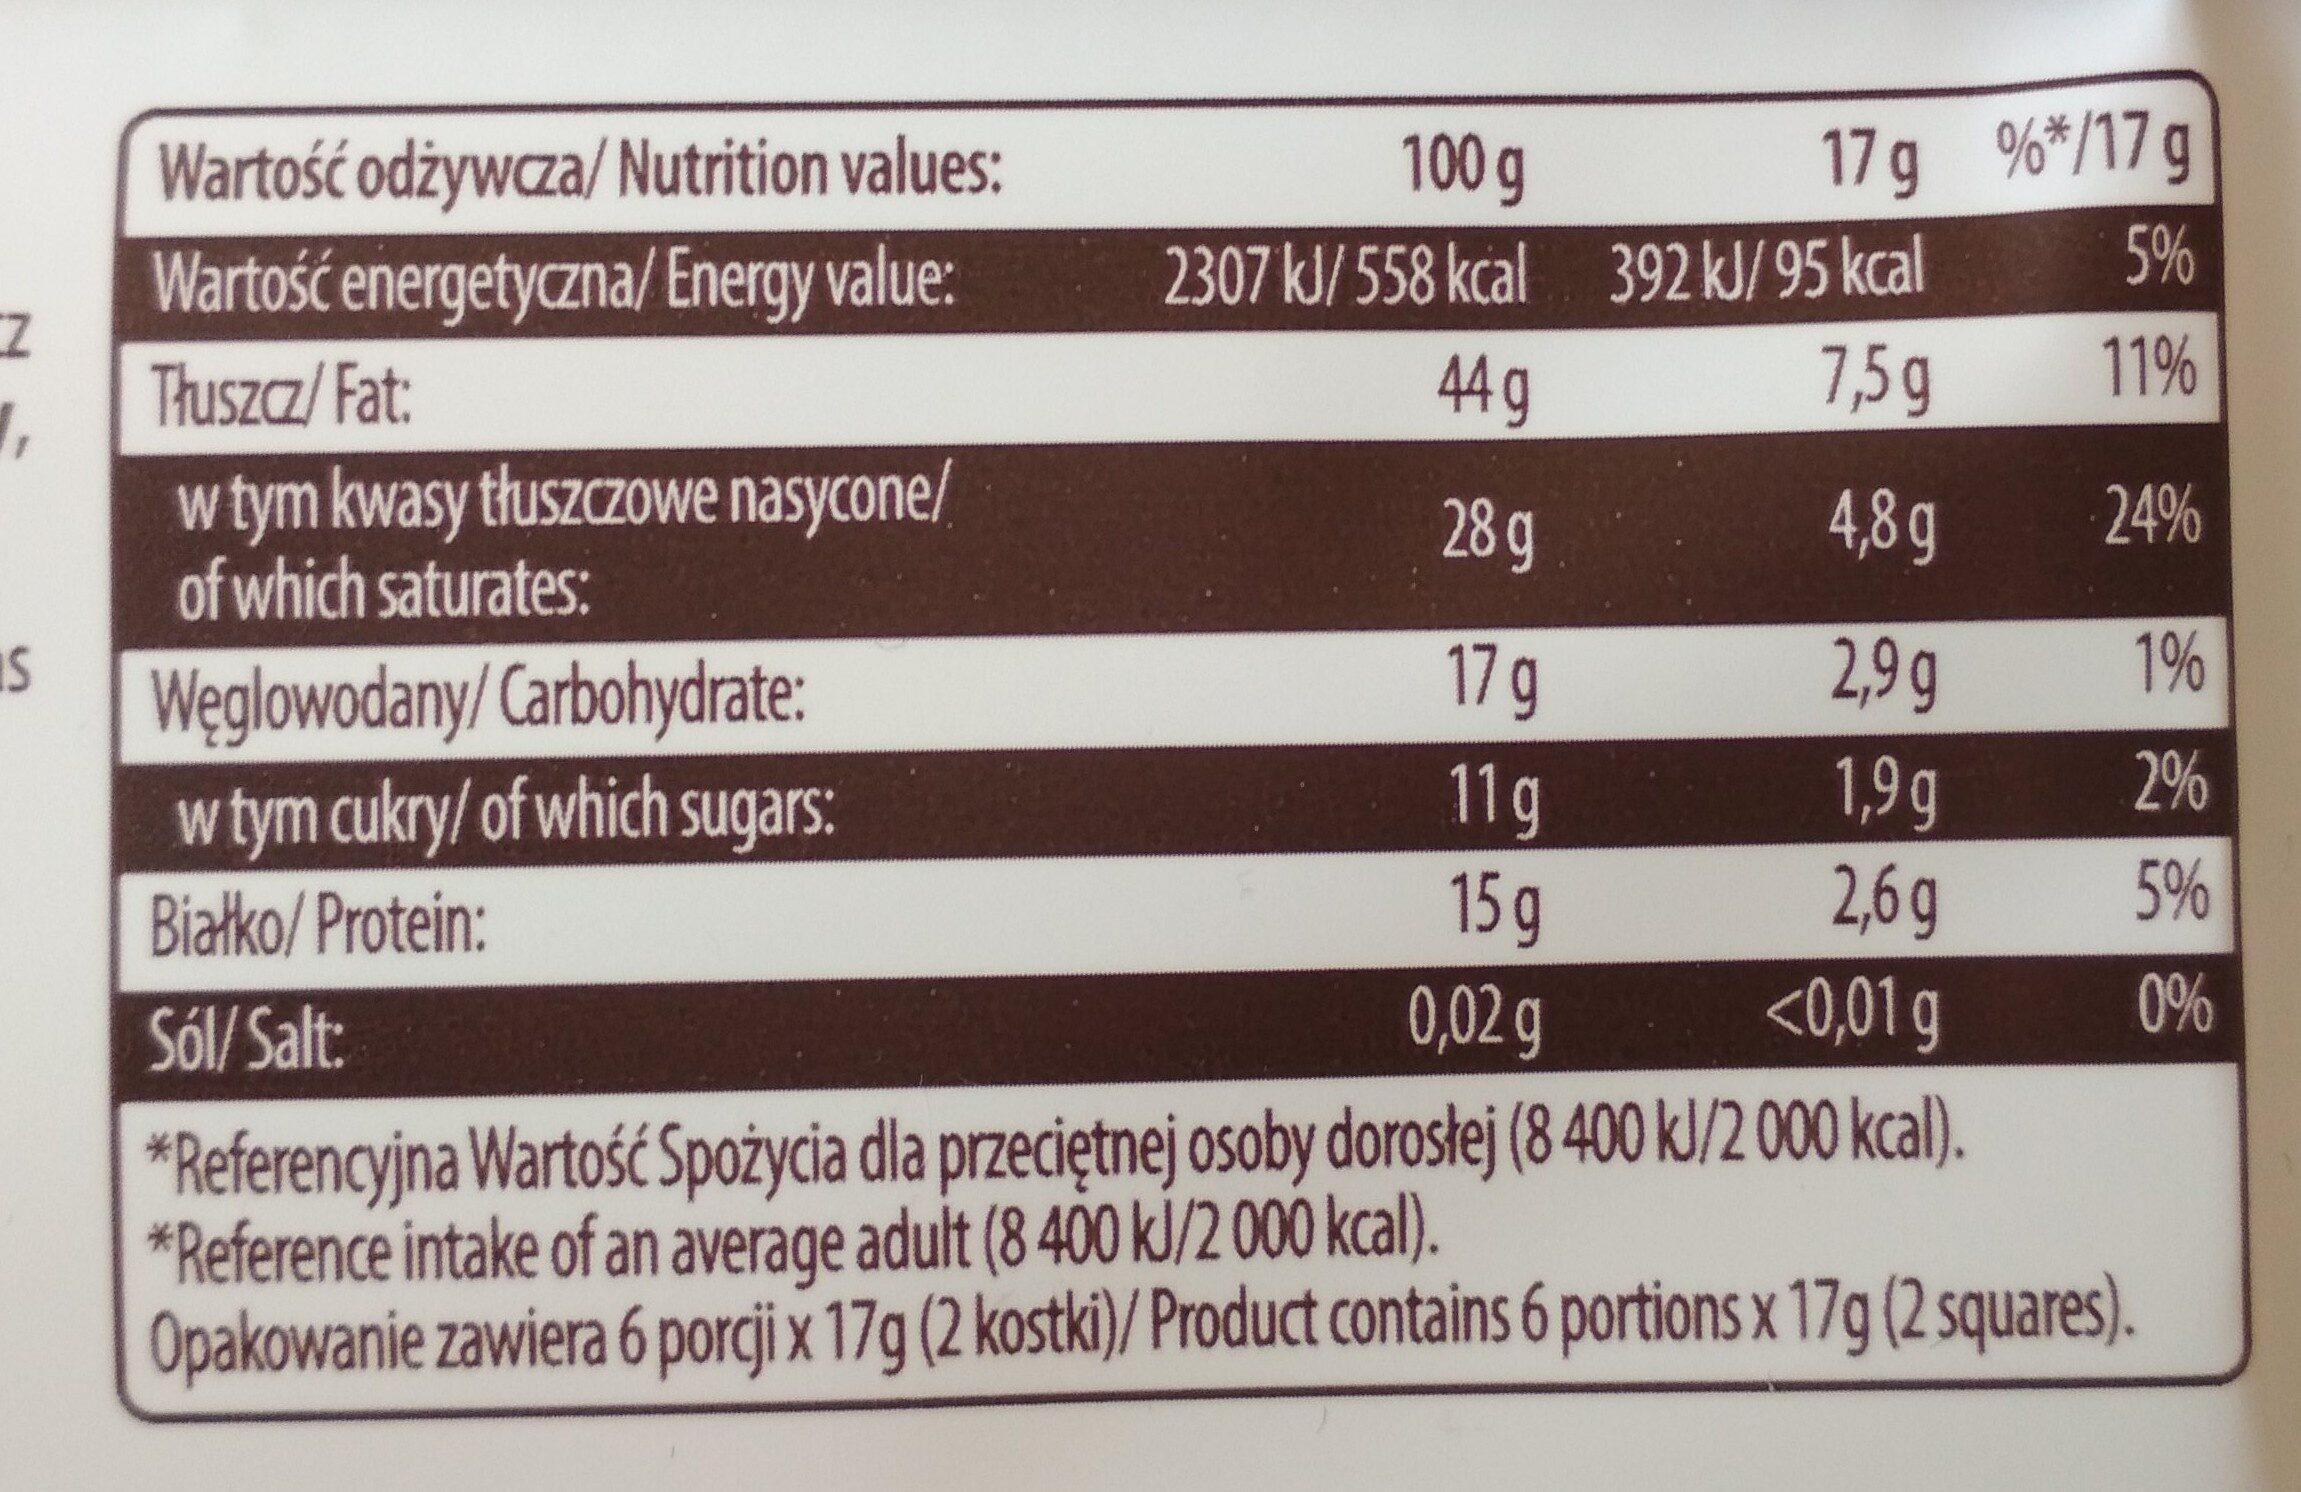 Czekolada Gorzka Extra , Cocoa 90% - Wartości odżywcze